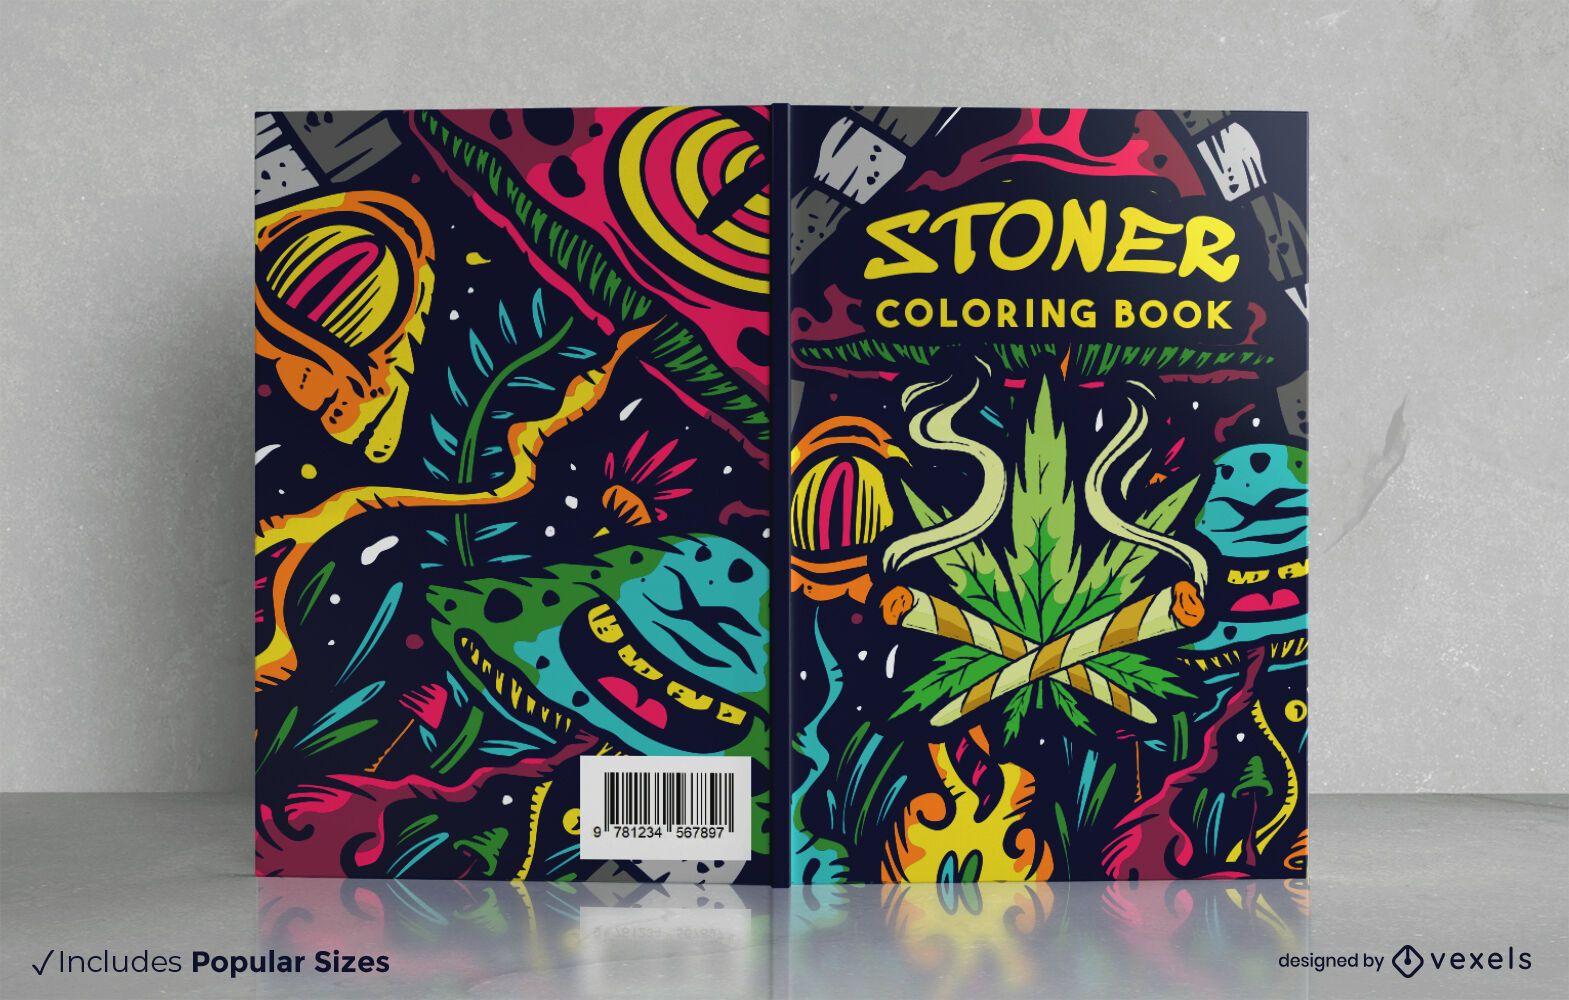 Desenho da capa do livro de colorir Stoner